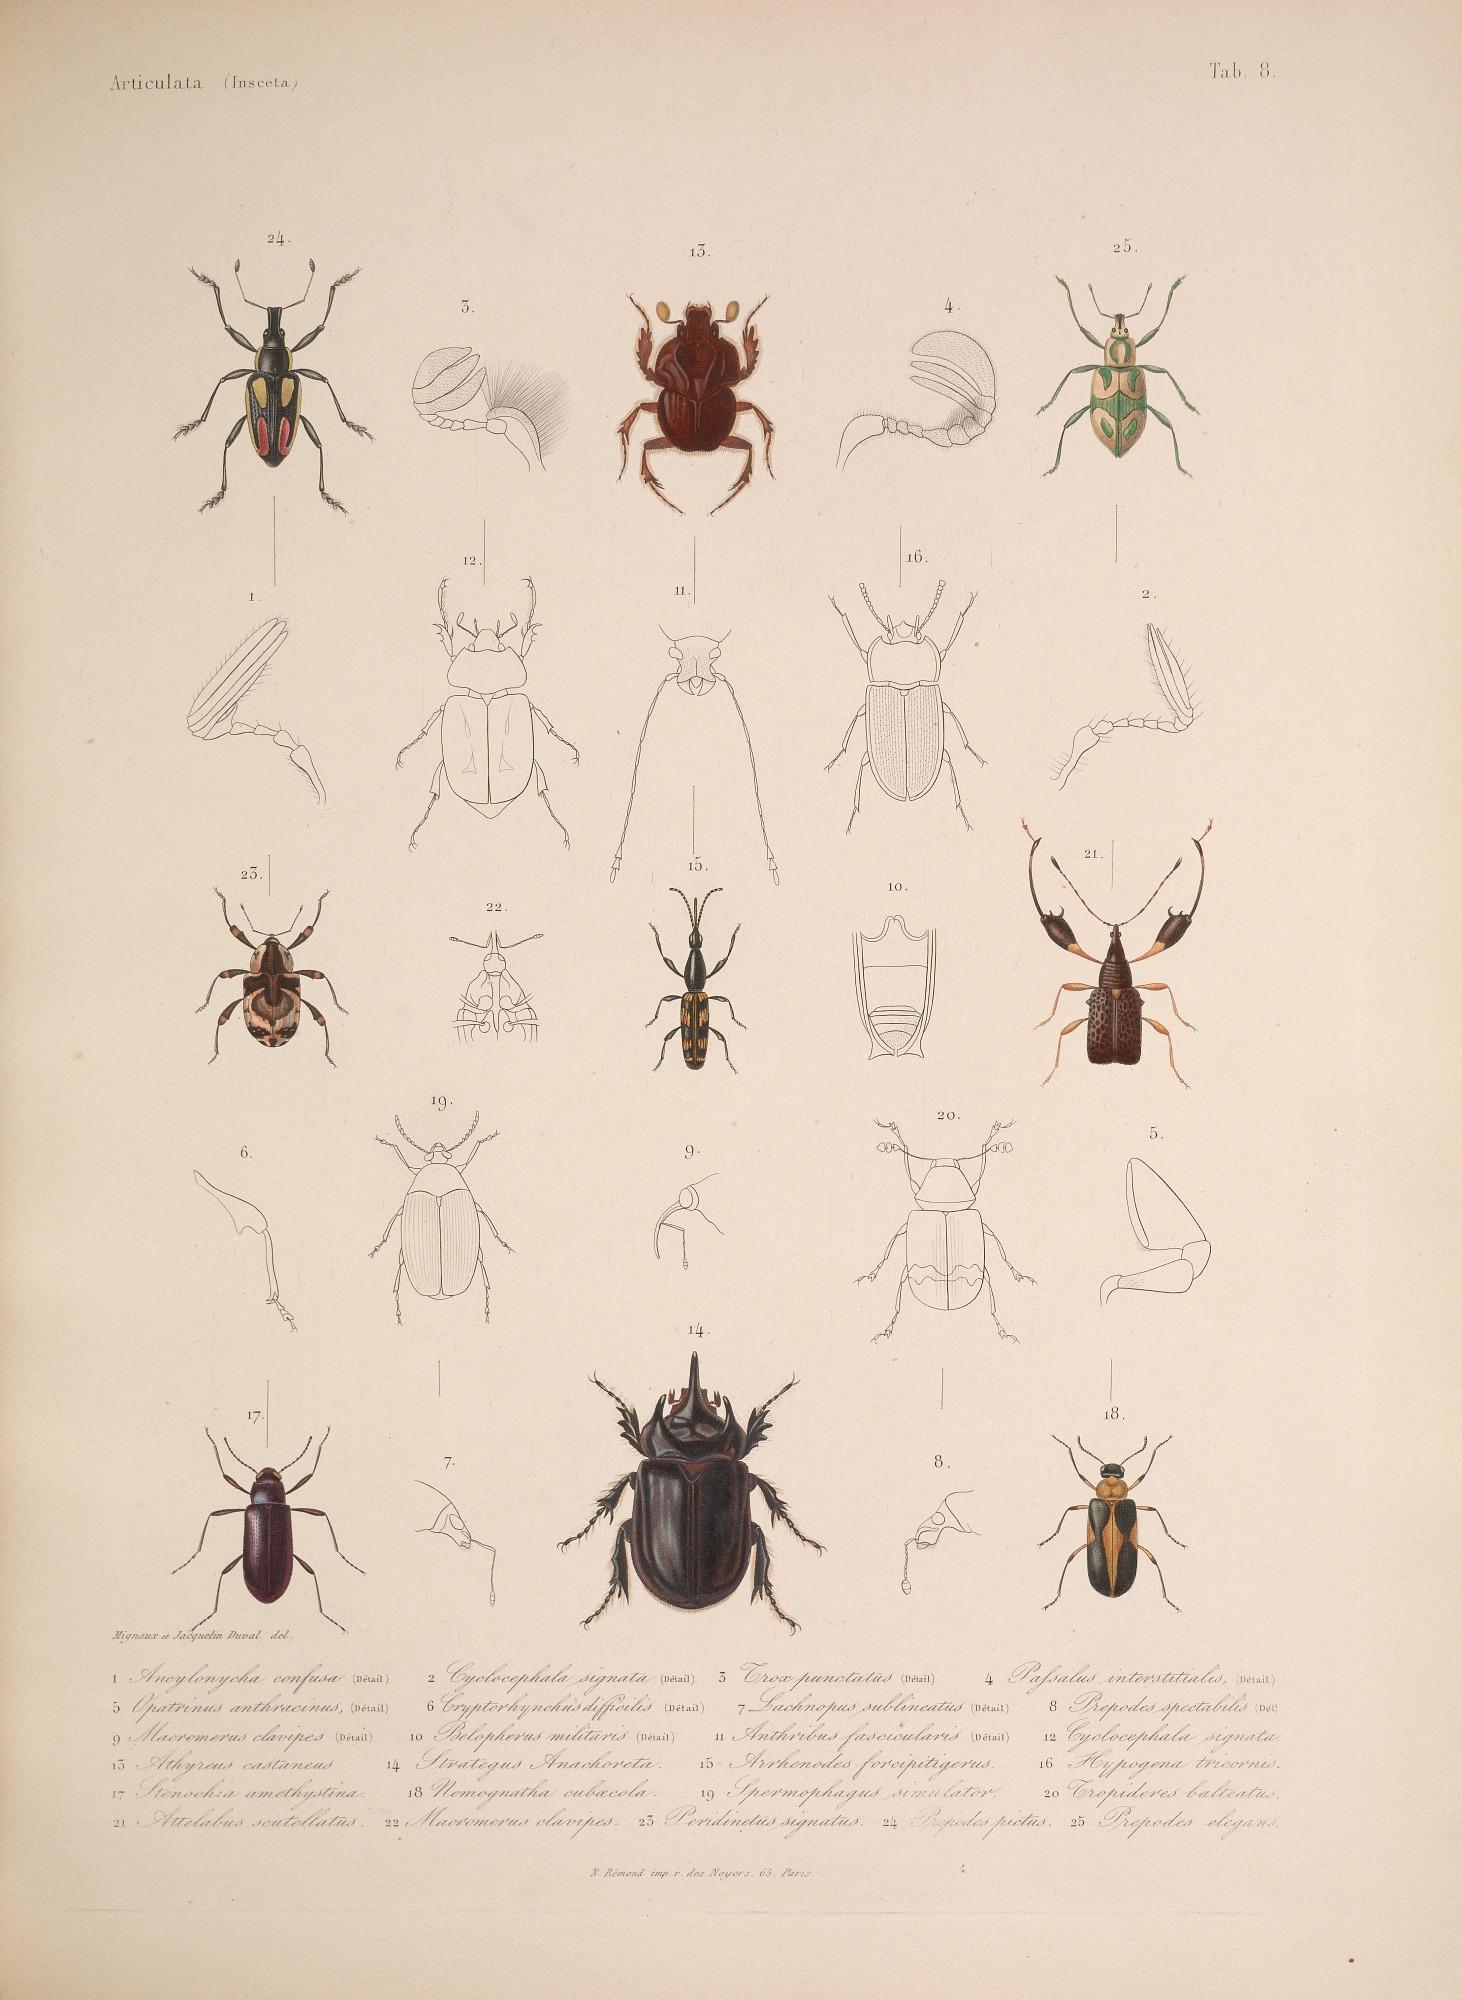 Species and anatomy of beetles, including scarab beetles (Fig. 2,12 ...